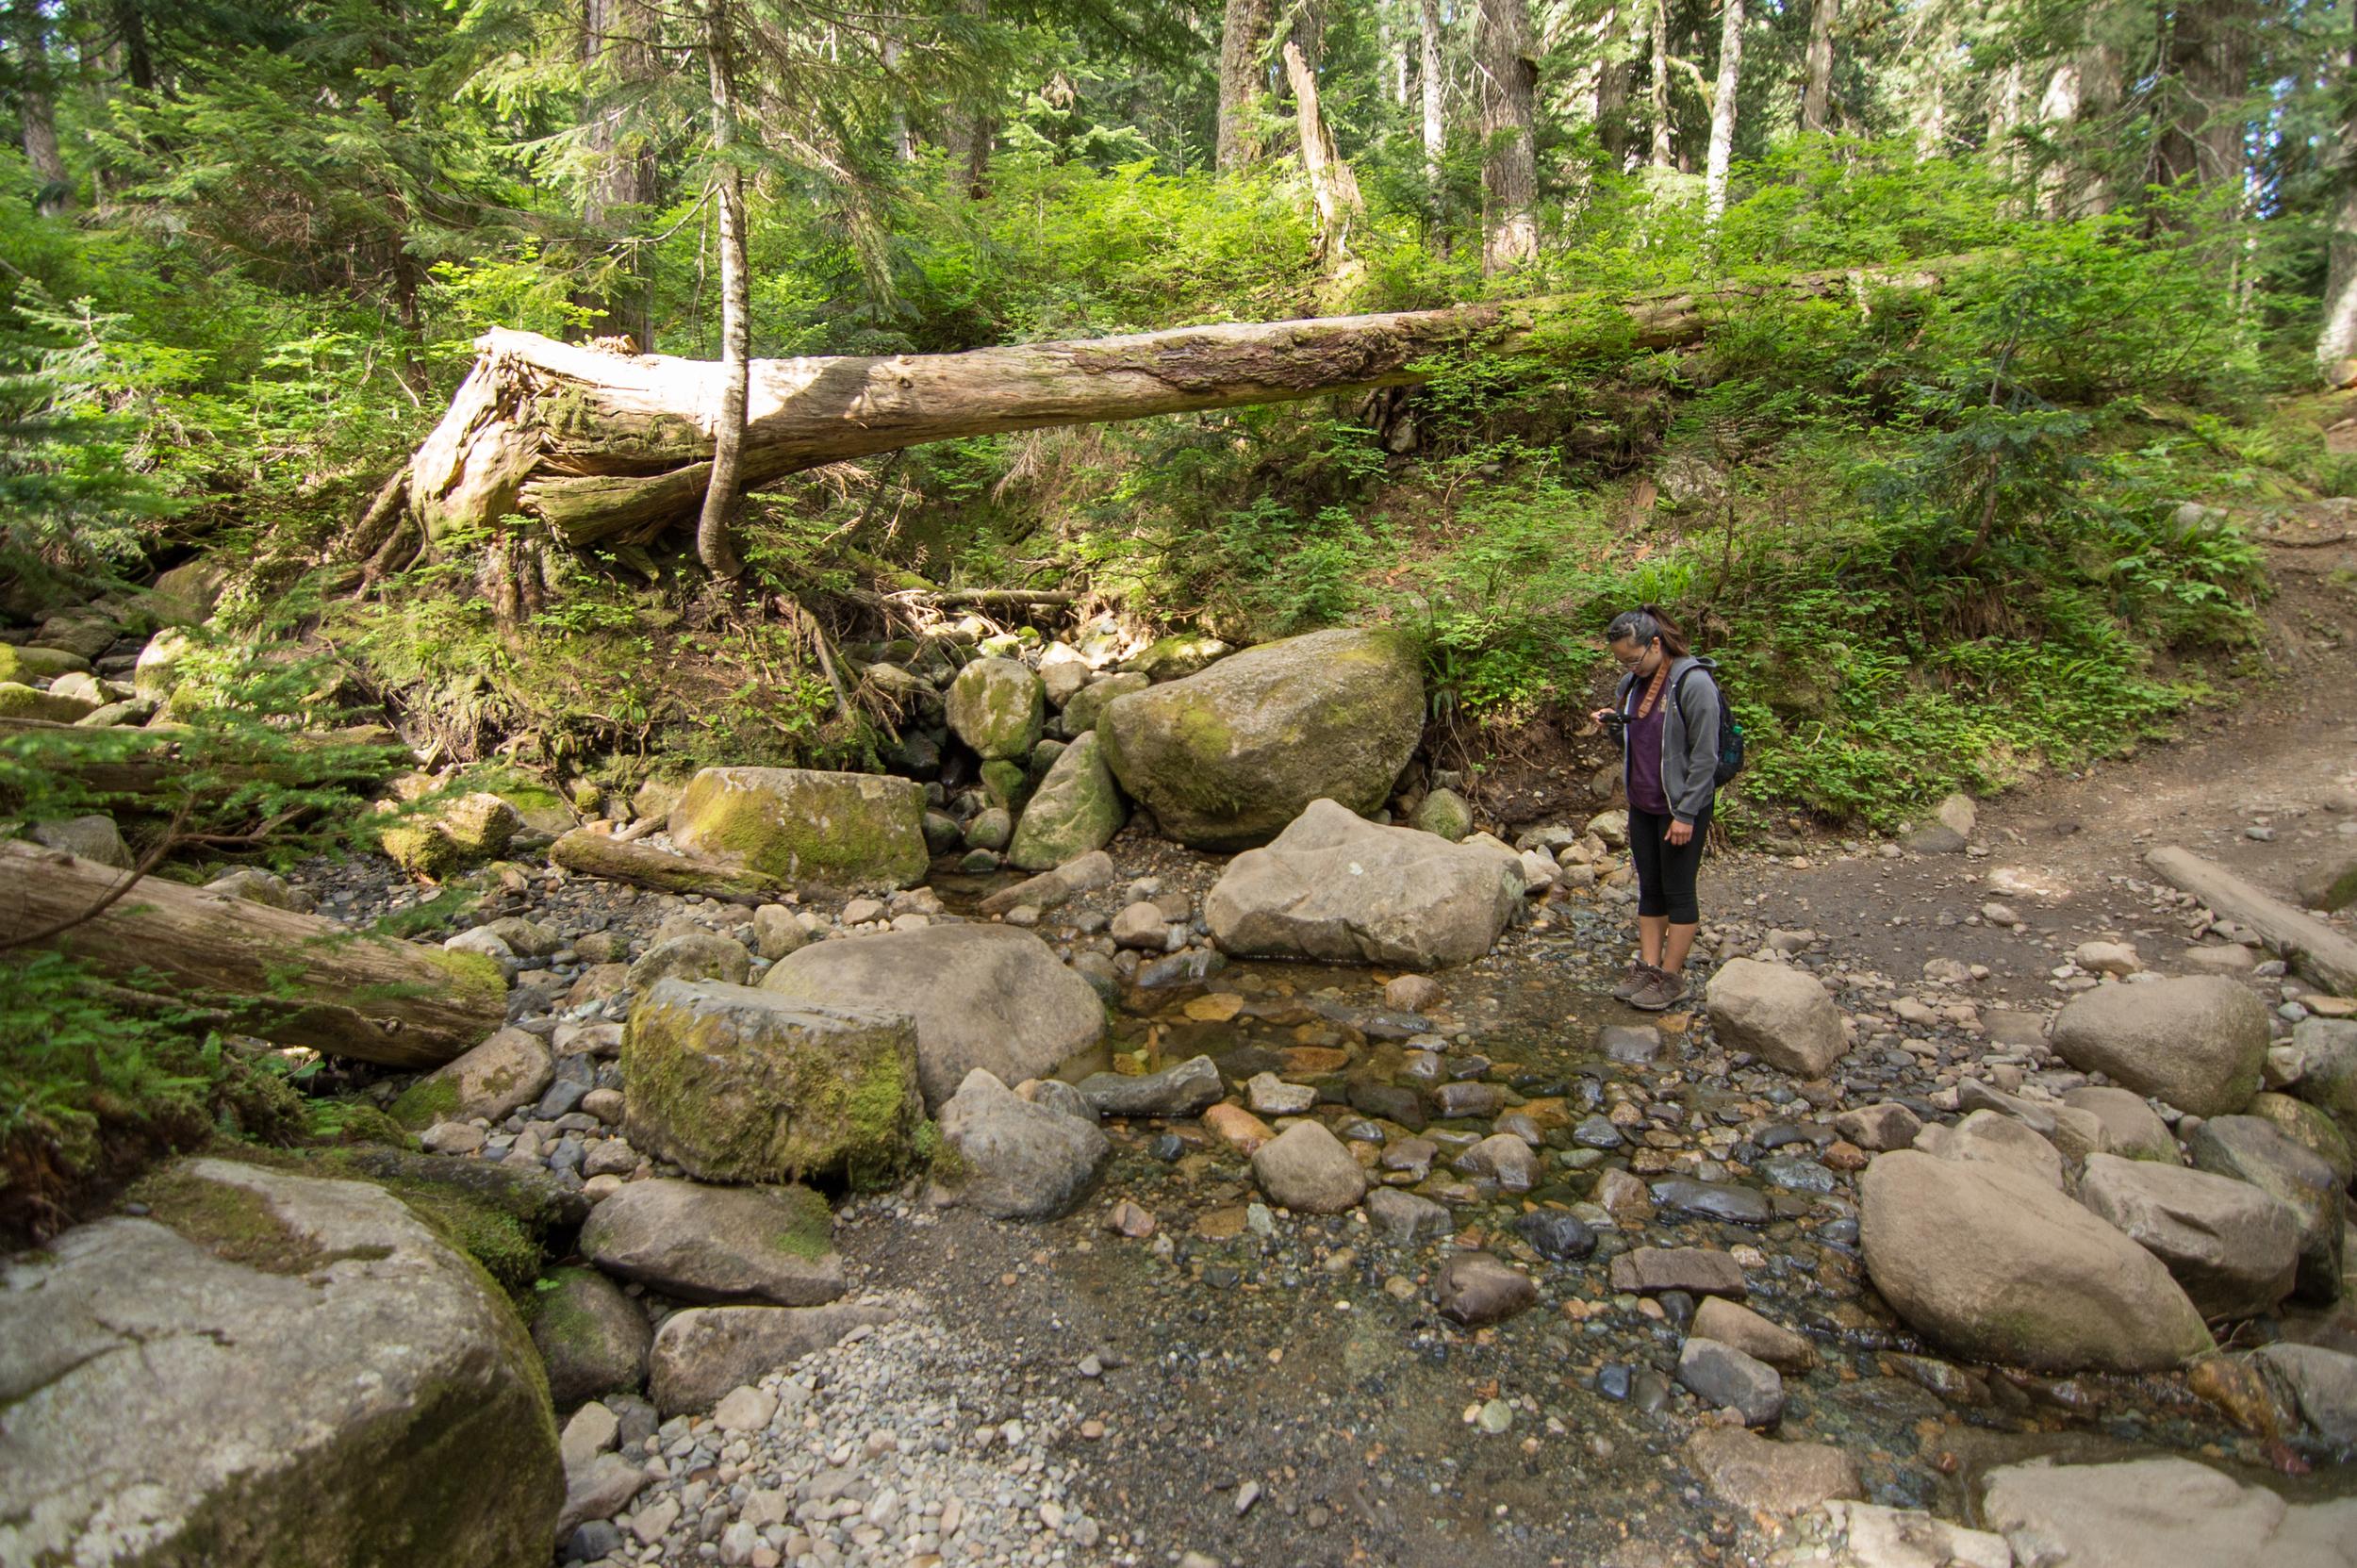 Mount_Pilchuck-7.jpg